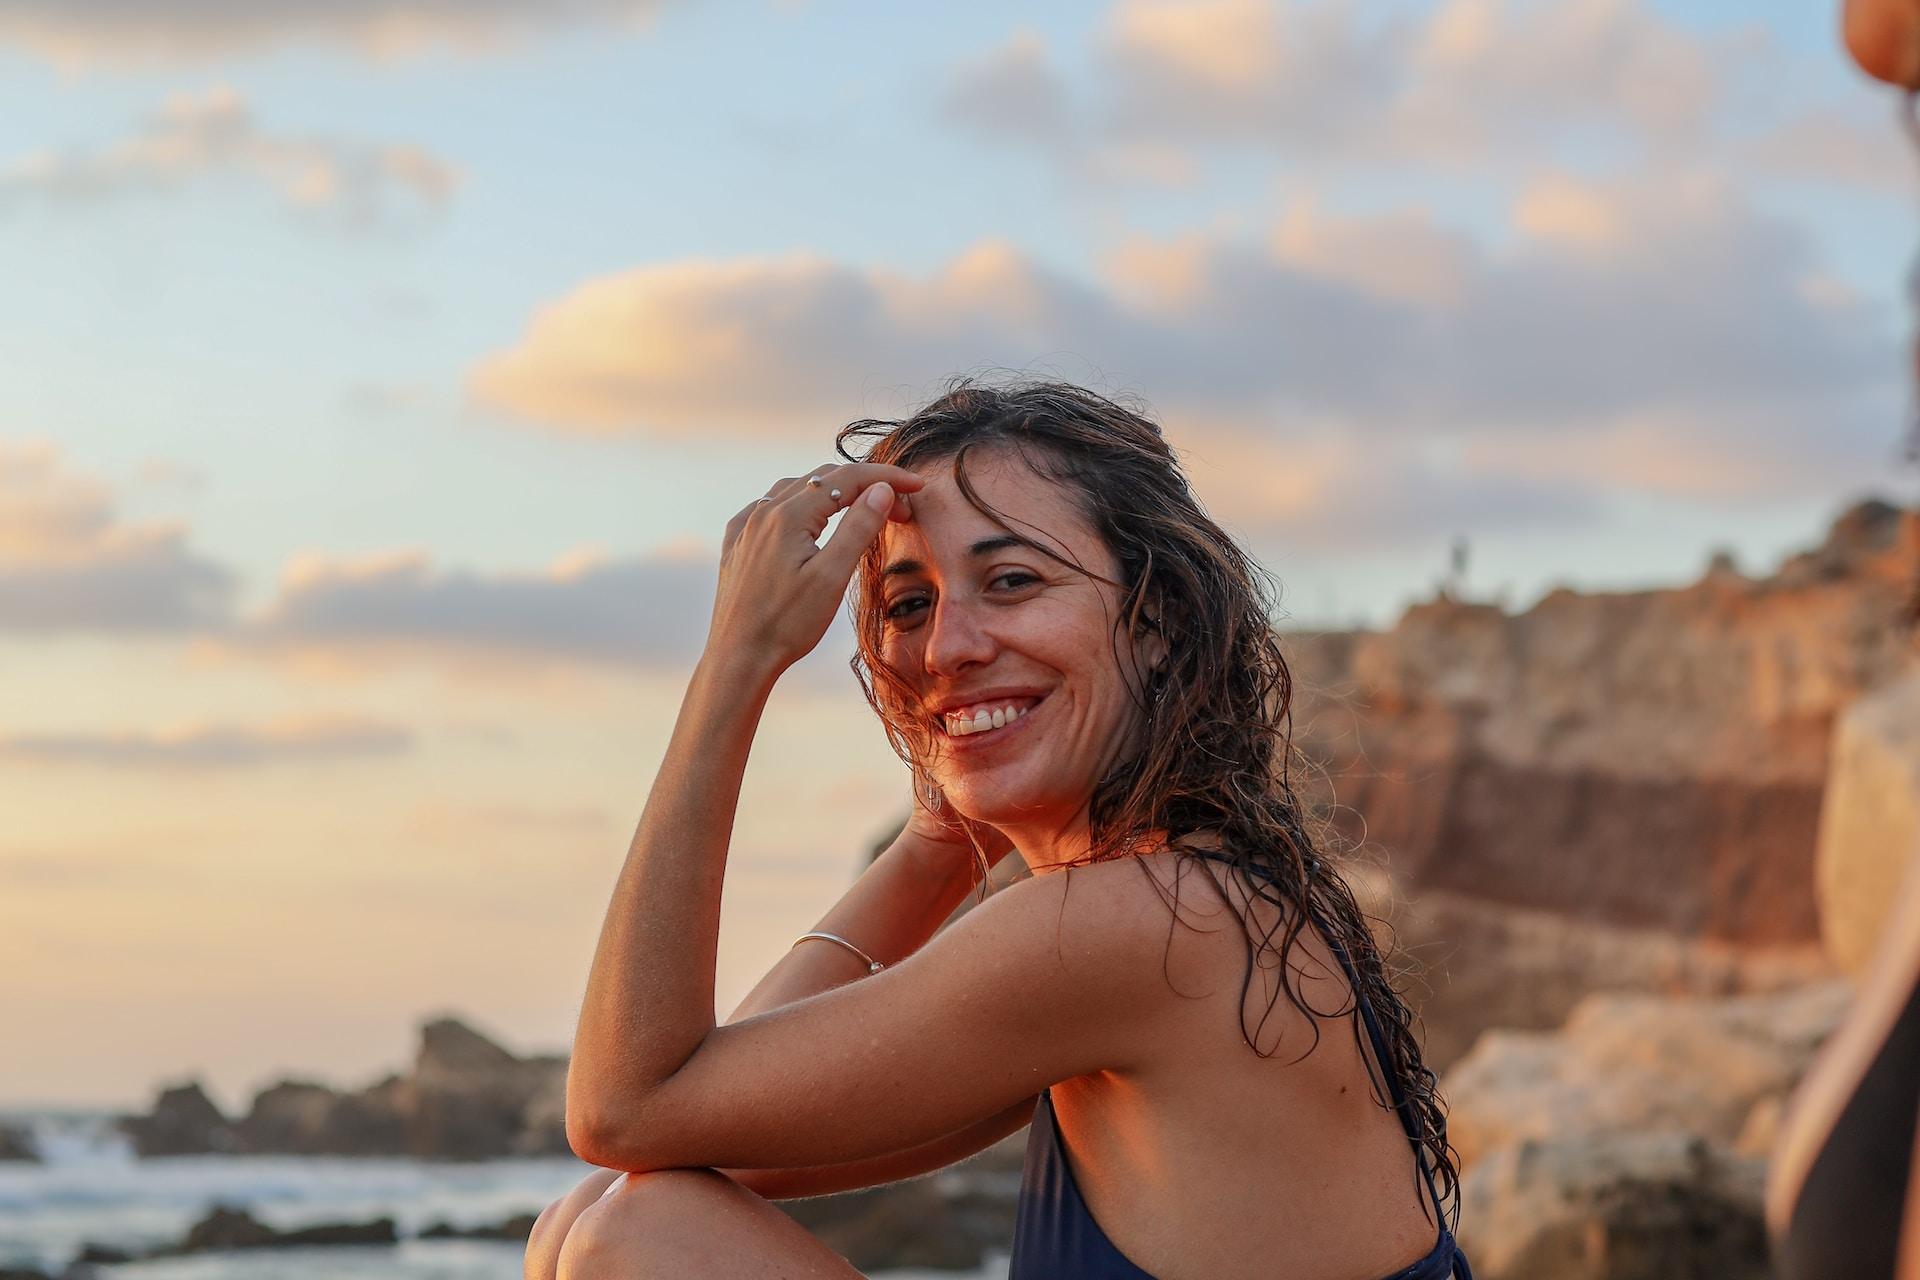 woman in blue bikini sitting on rock during daytime